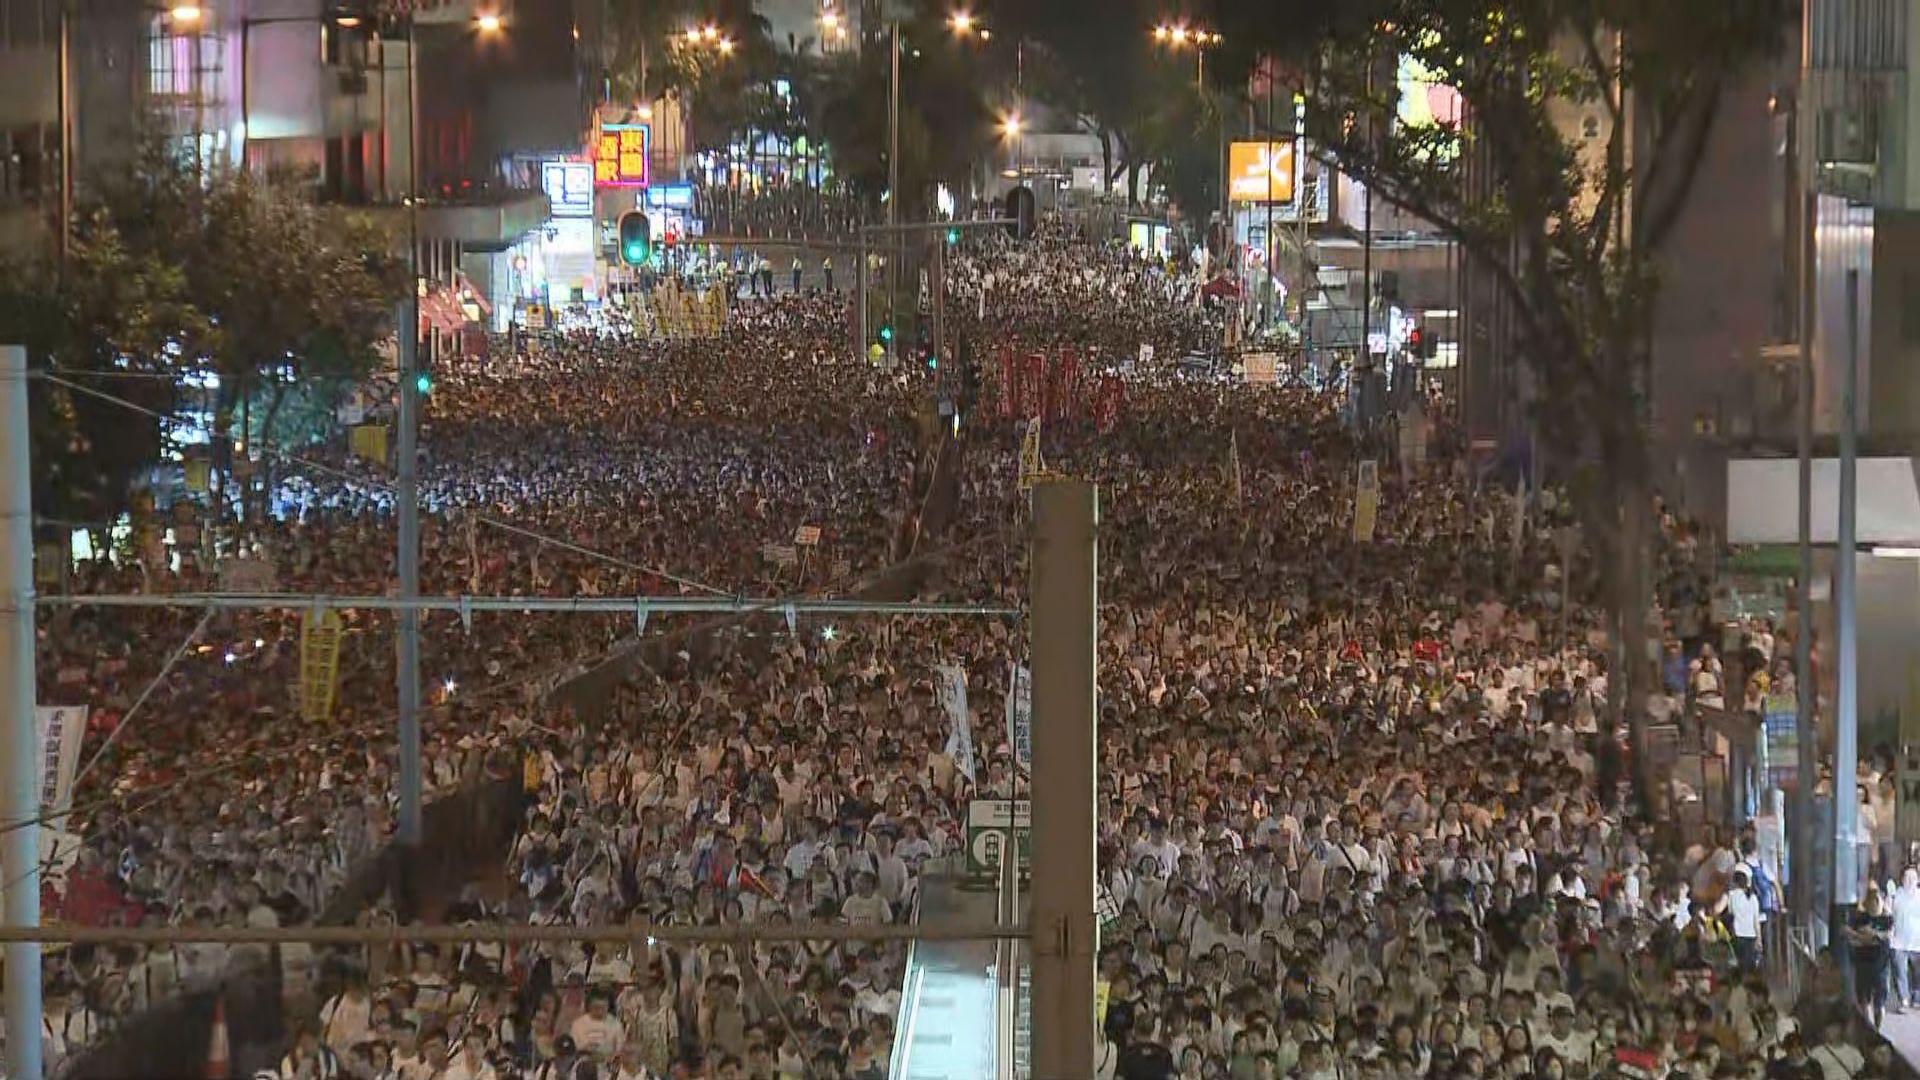 【反修例遊行】入夜後仍有大批遊行人士尚未抵達立法會